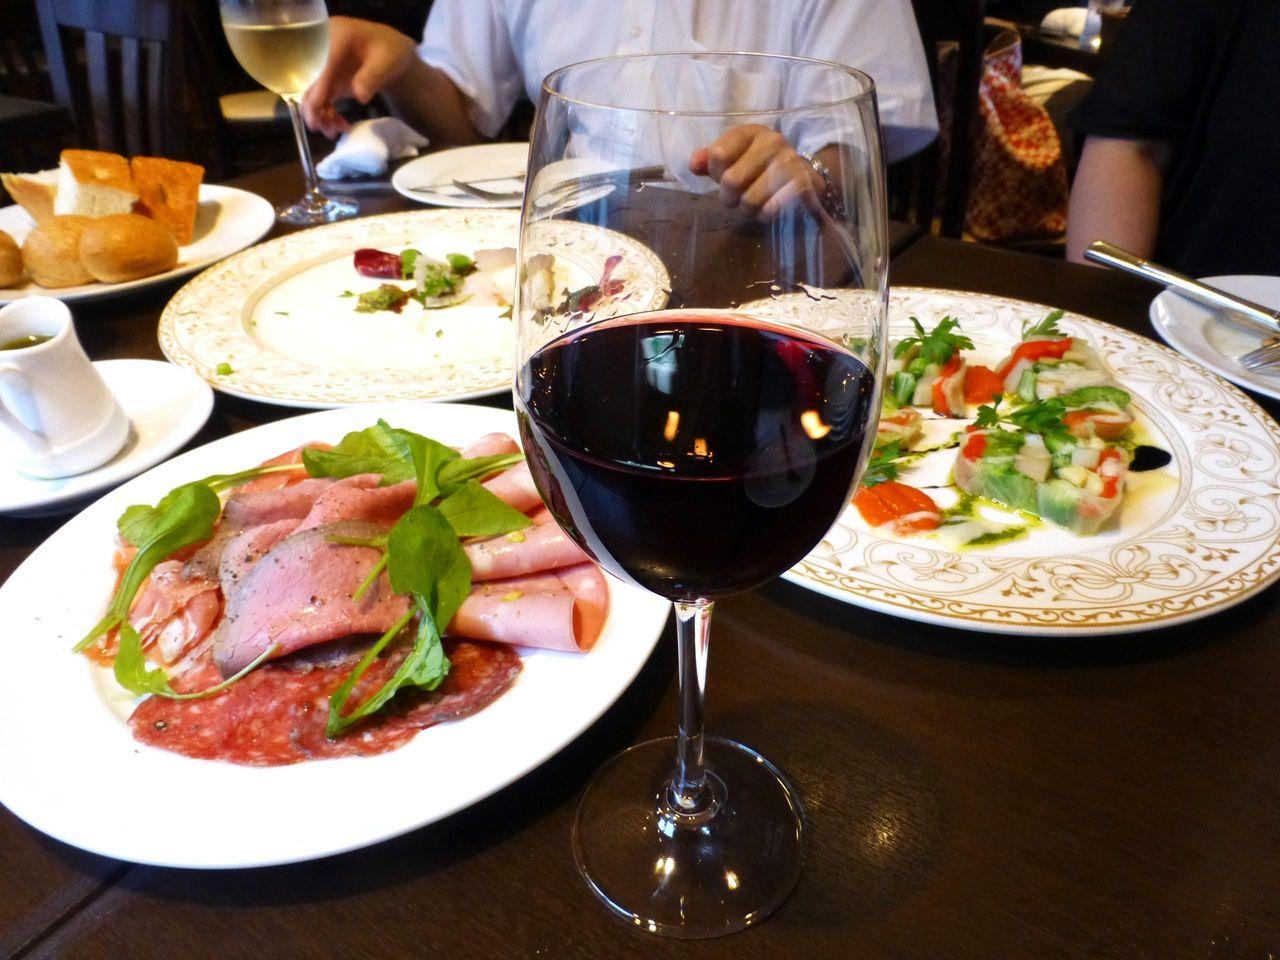 続々と登場する絶品料理に、思わず赤ワインを注文!